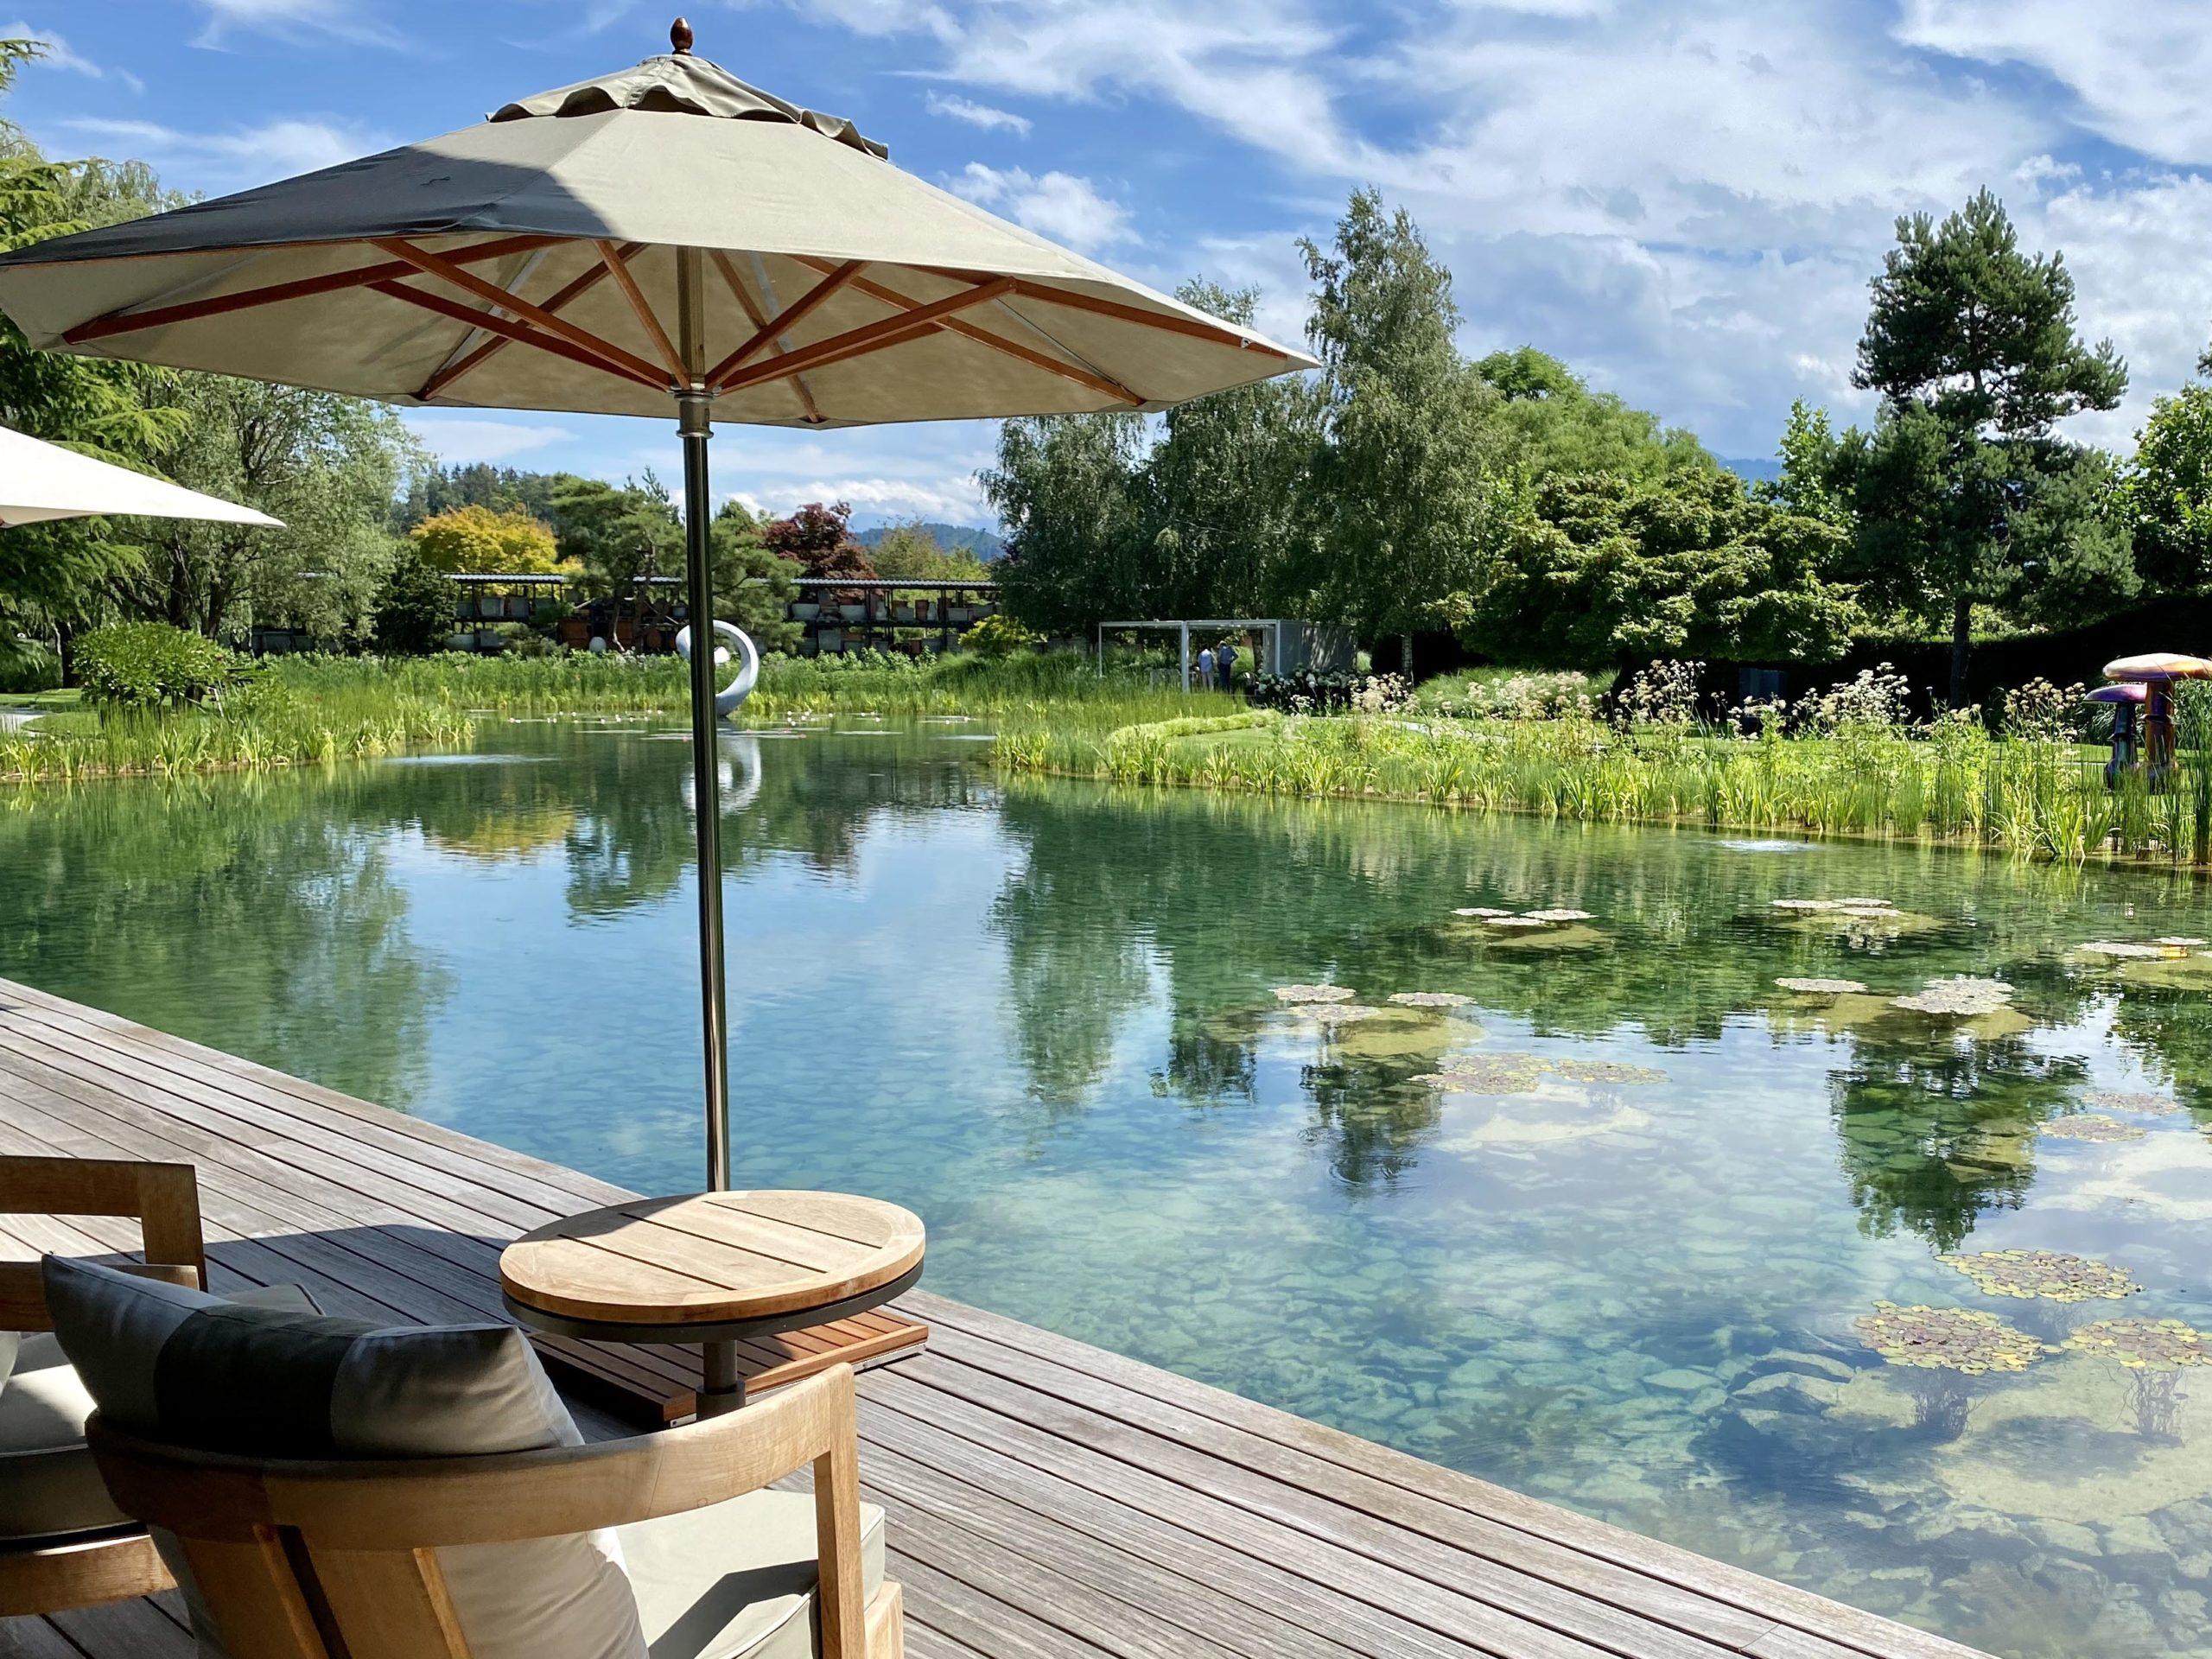 Enea-Garten in Rapperswil-Jona